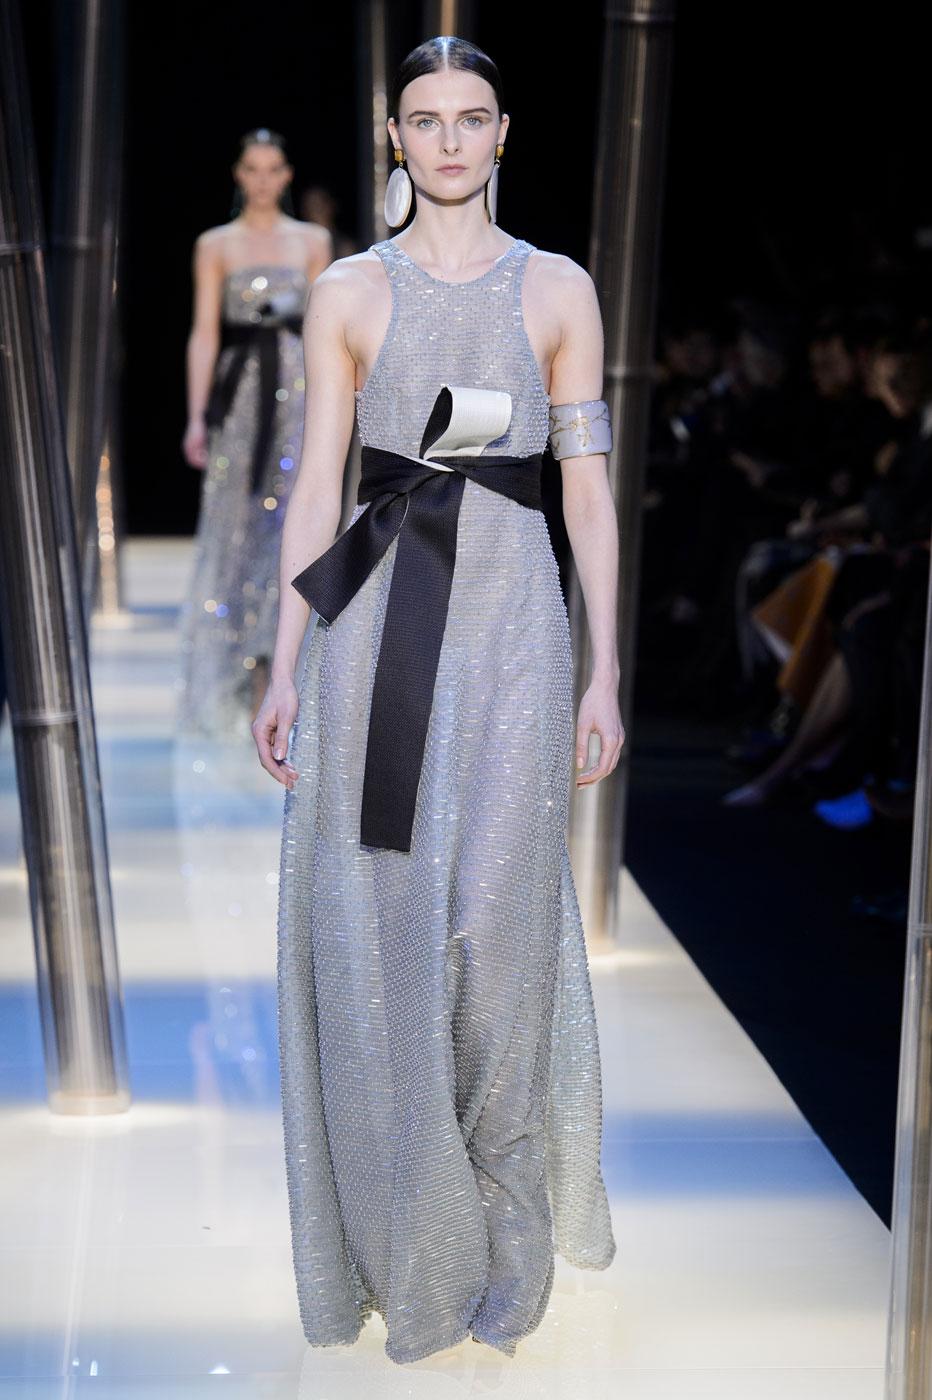 Giorgio-armani-Prive-fashion-runway-show-haute-couture-paris-spring-2015-the-impression-113